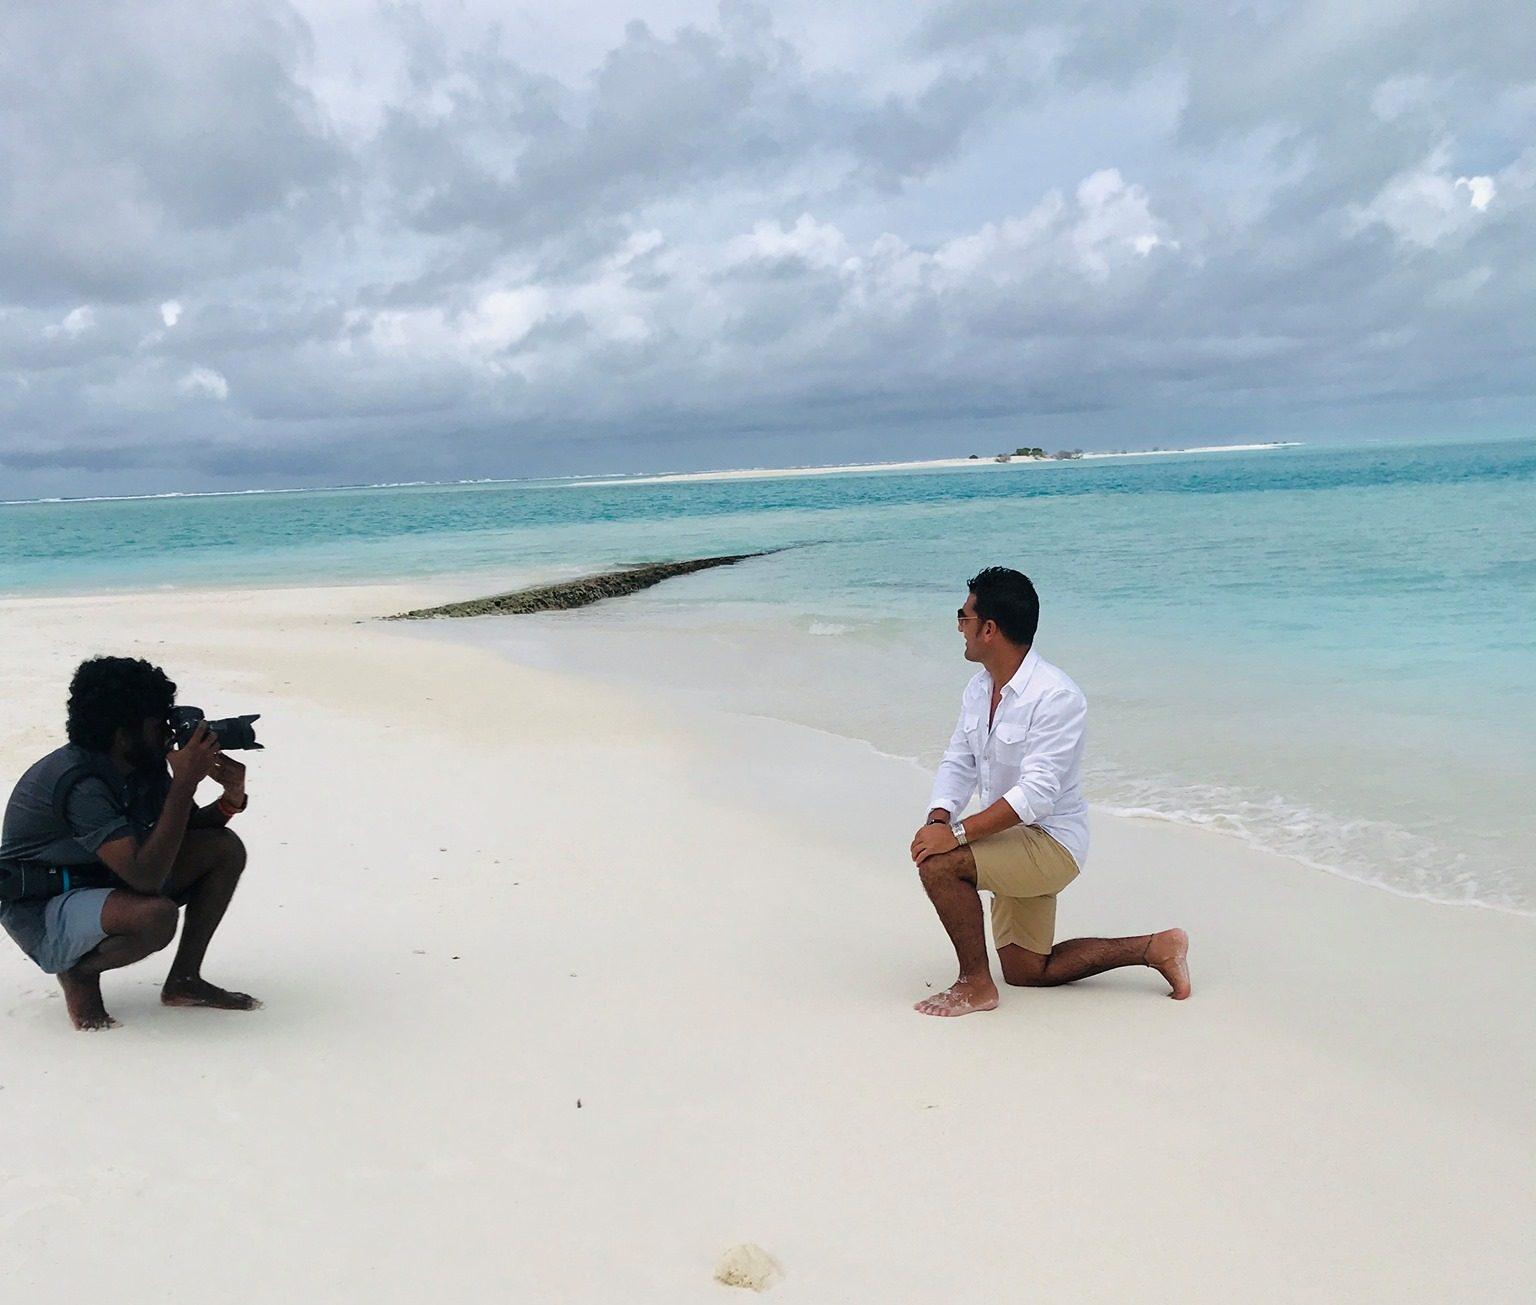 Sesión de fotos privada en islas Maldivas